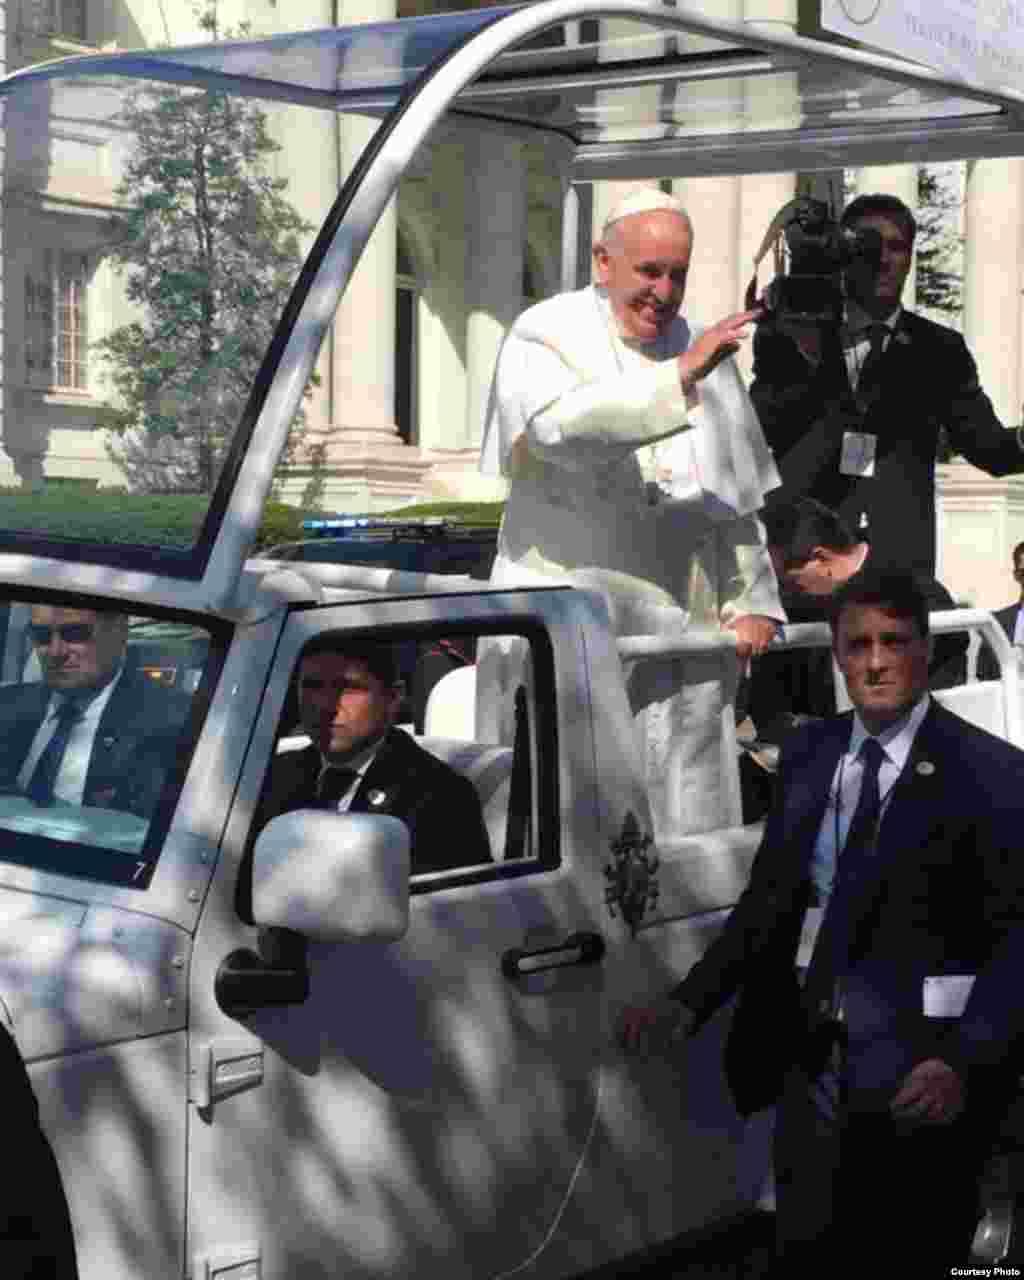 教宗方济各在华盛顿沿街和民众见面打招呼。教宗周三下午将在圣母无玷始胎全国朝圣所圣殿(Basilica of the National Shrine of the Immaculate Conception)主持弥撒,周四对国会两院演说,之后前往纽约参加联合国可持续发展目标峰会并在联大演说。纽约之后教宗将访问费城,参加费城家庭会议。星期天,信奉天主教的副总统拜登将代表白宫主持教宗结束对美国访问的送行仪式。(图片来源:乔治梅森大学学生Maria Alejandra Rossell )